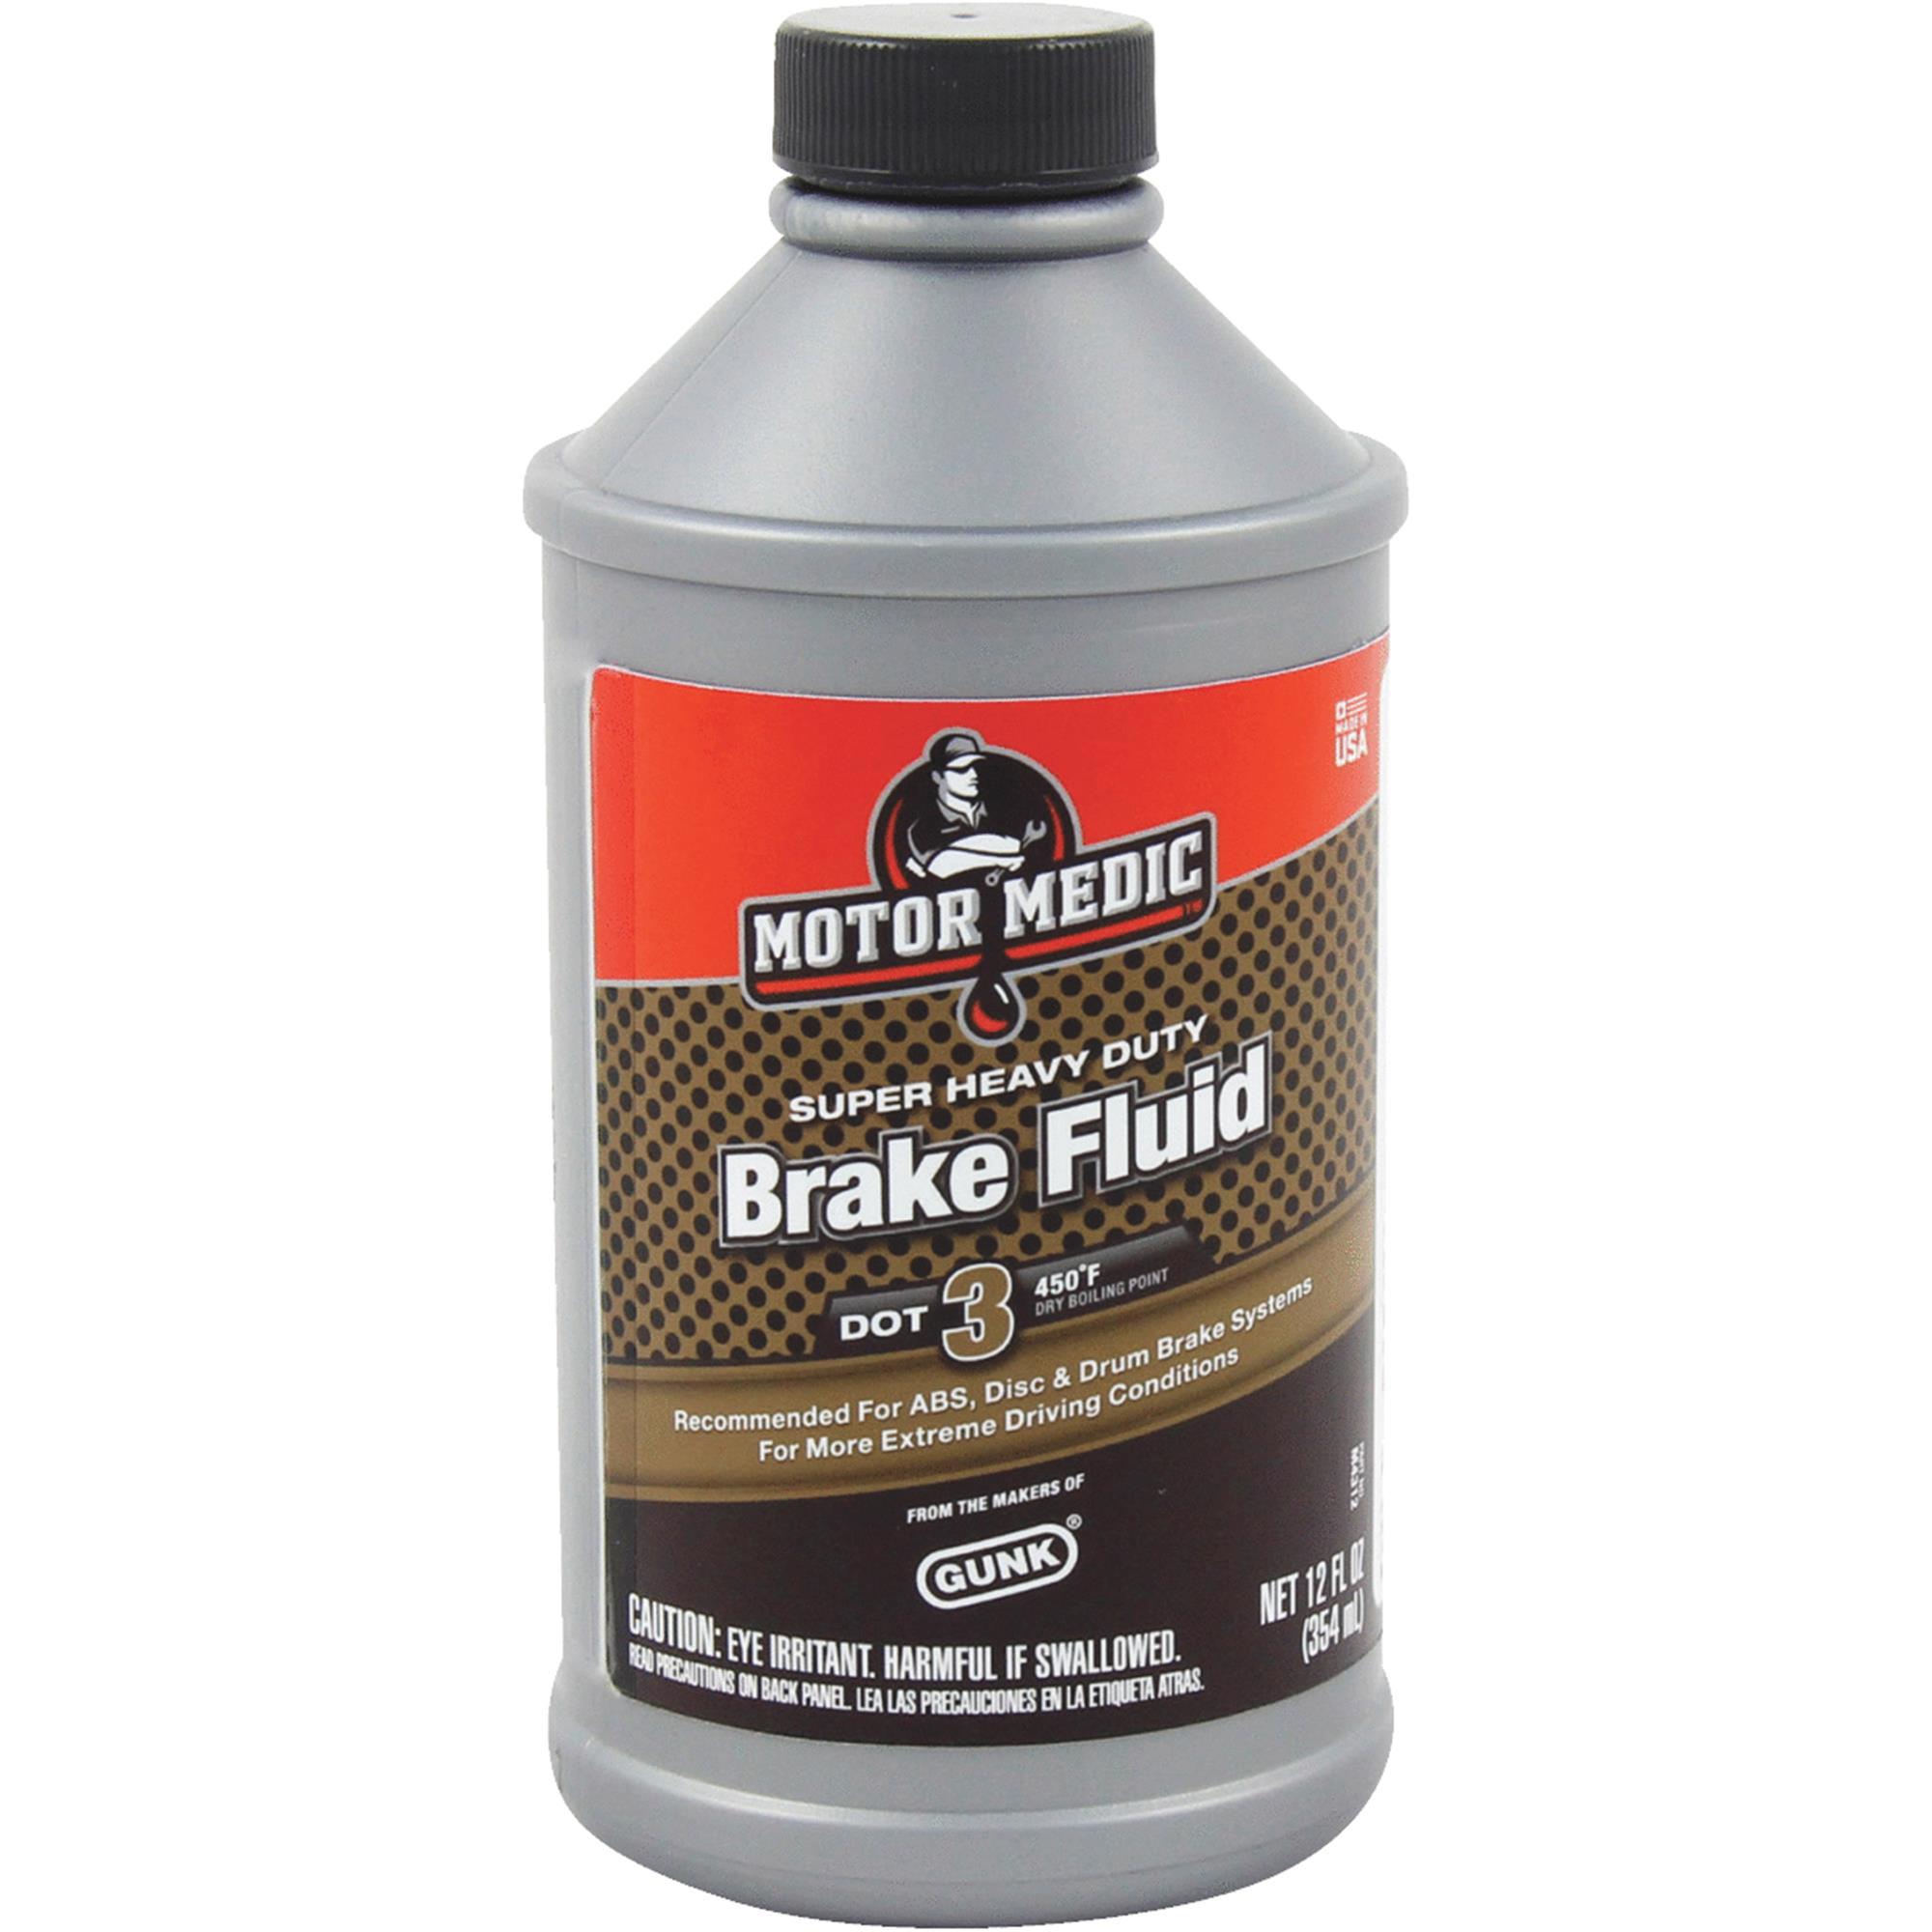 MotorMedic Super Heavy-Duty Brake Fluid